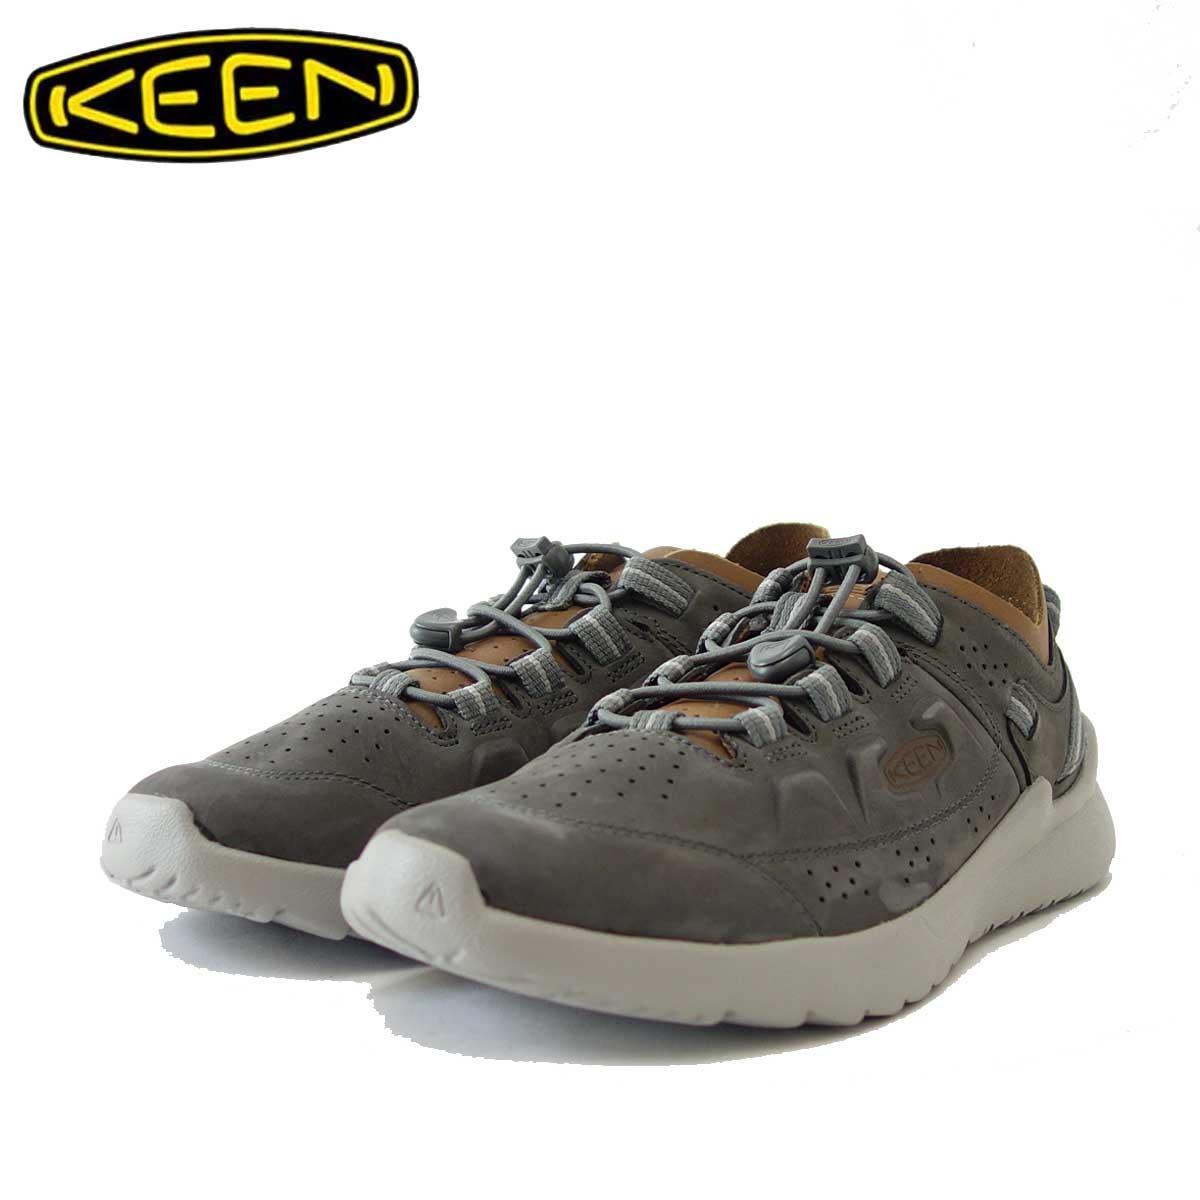 無料発送 KEEN キーン HIGHLAND ハイランド 1023142(メンズ)カラー:Steel Grey / Drizzle「靴」, マキノ 52b61e08